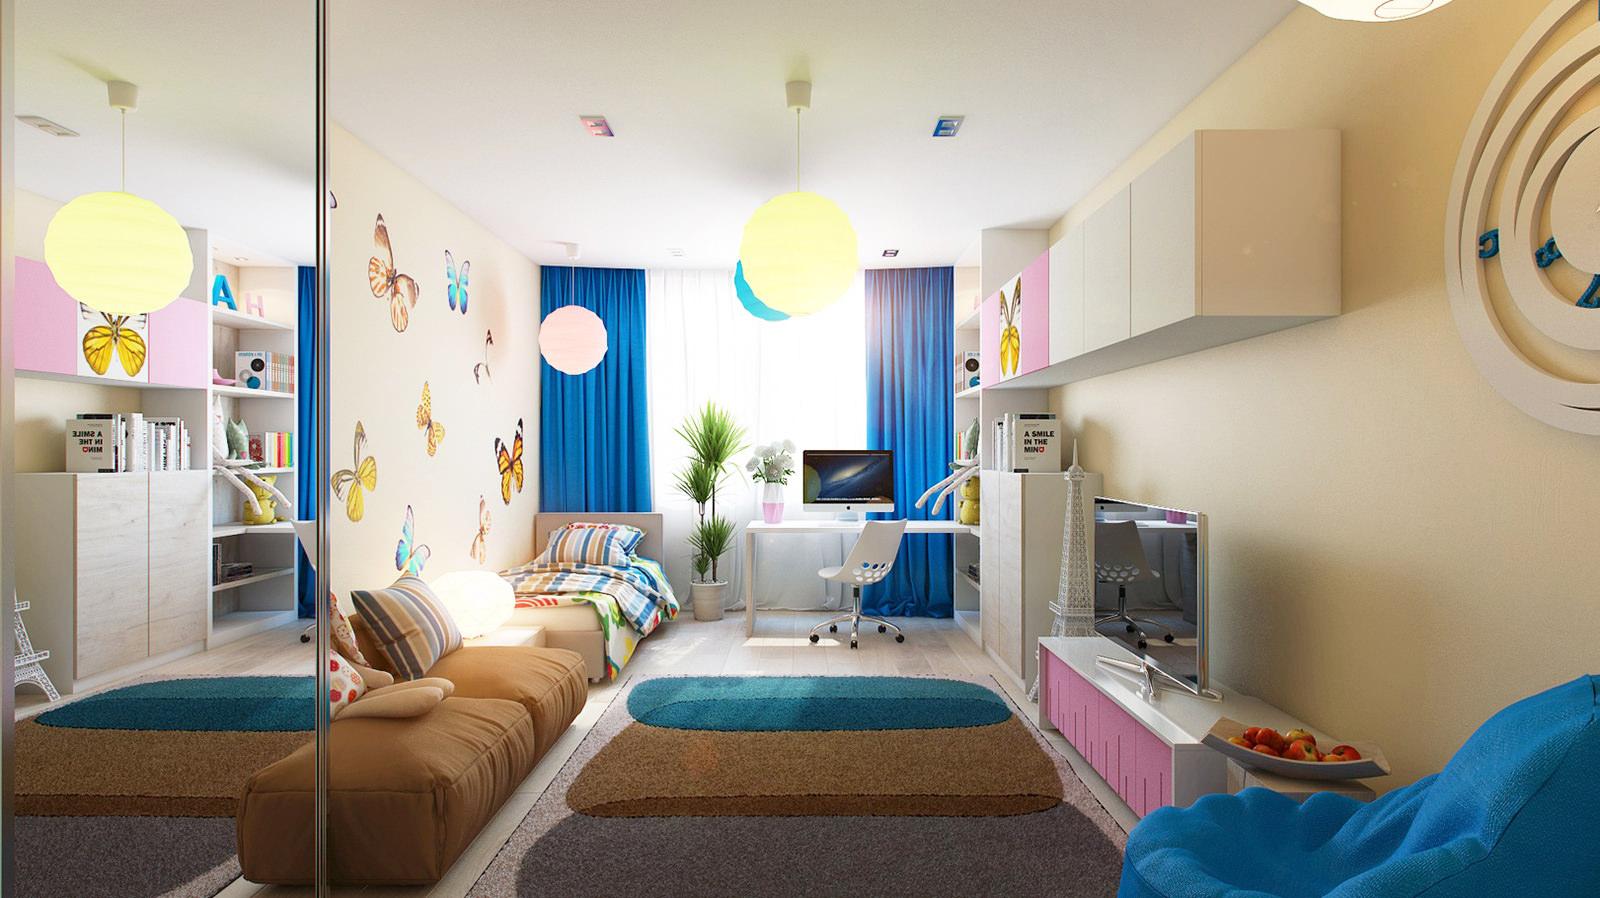 Ремонт детской комнаты для мальчика:фото, тема, интерьер, рекомендации